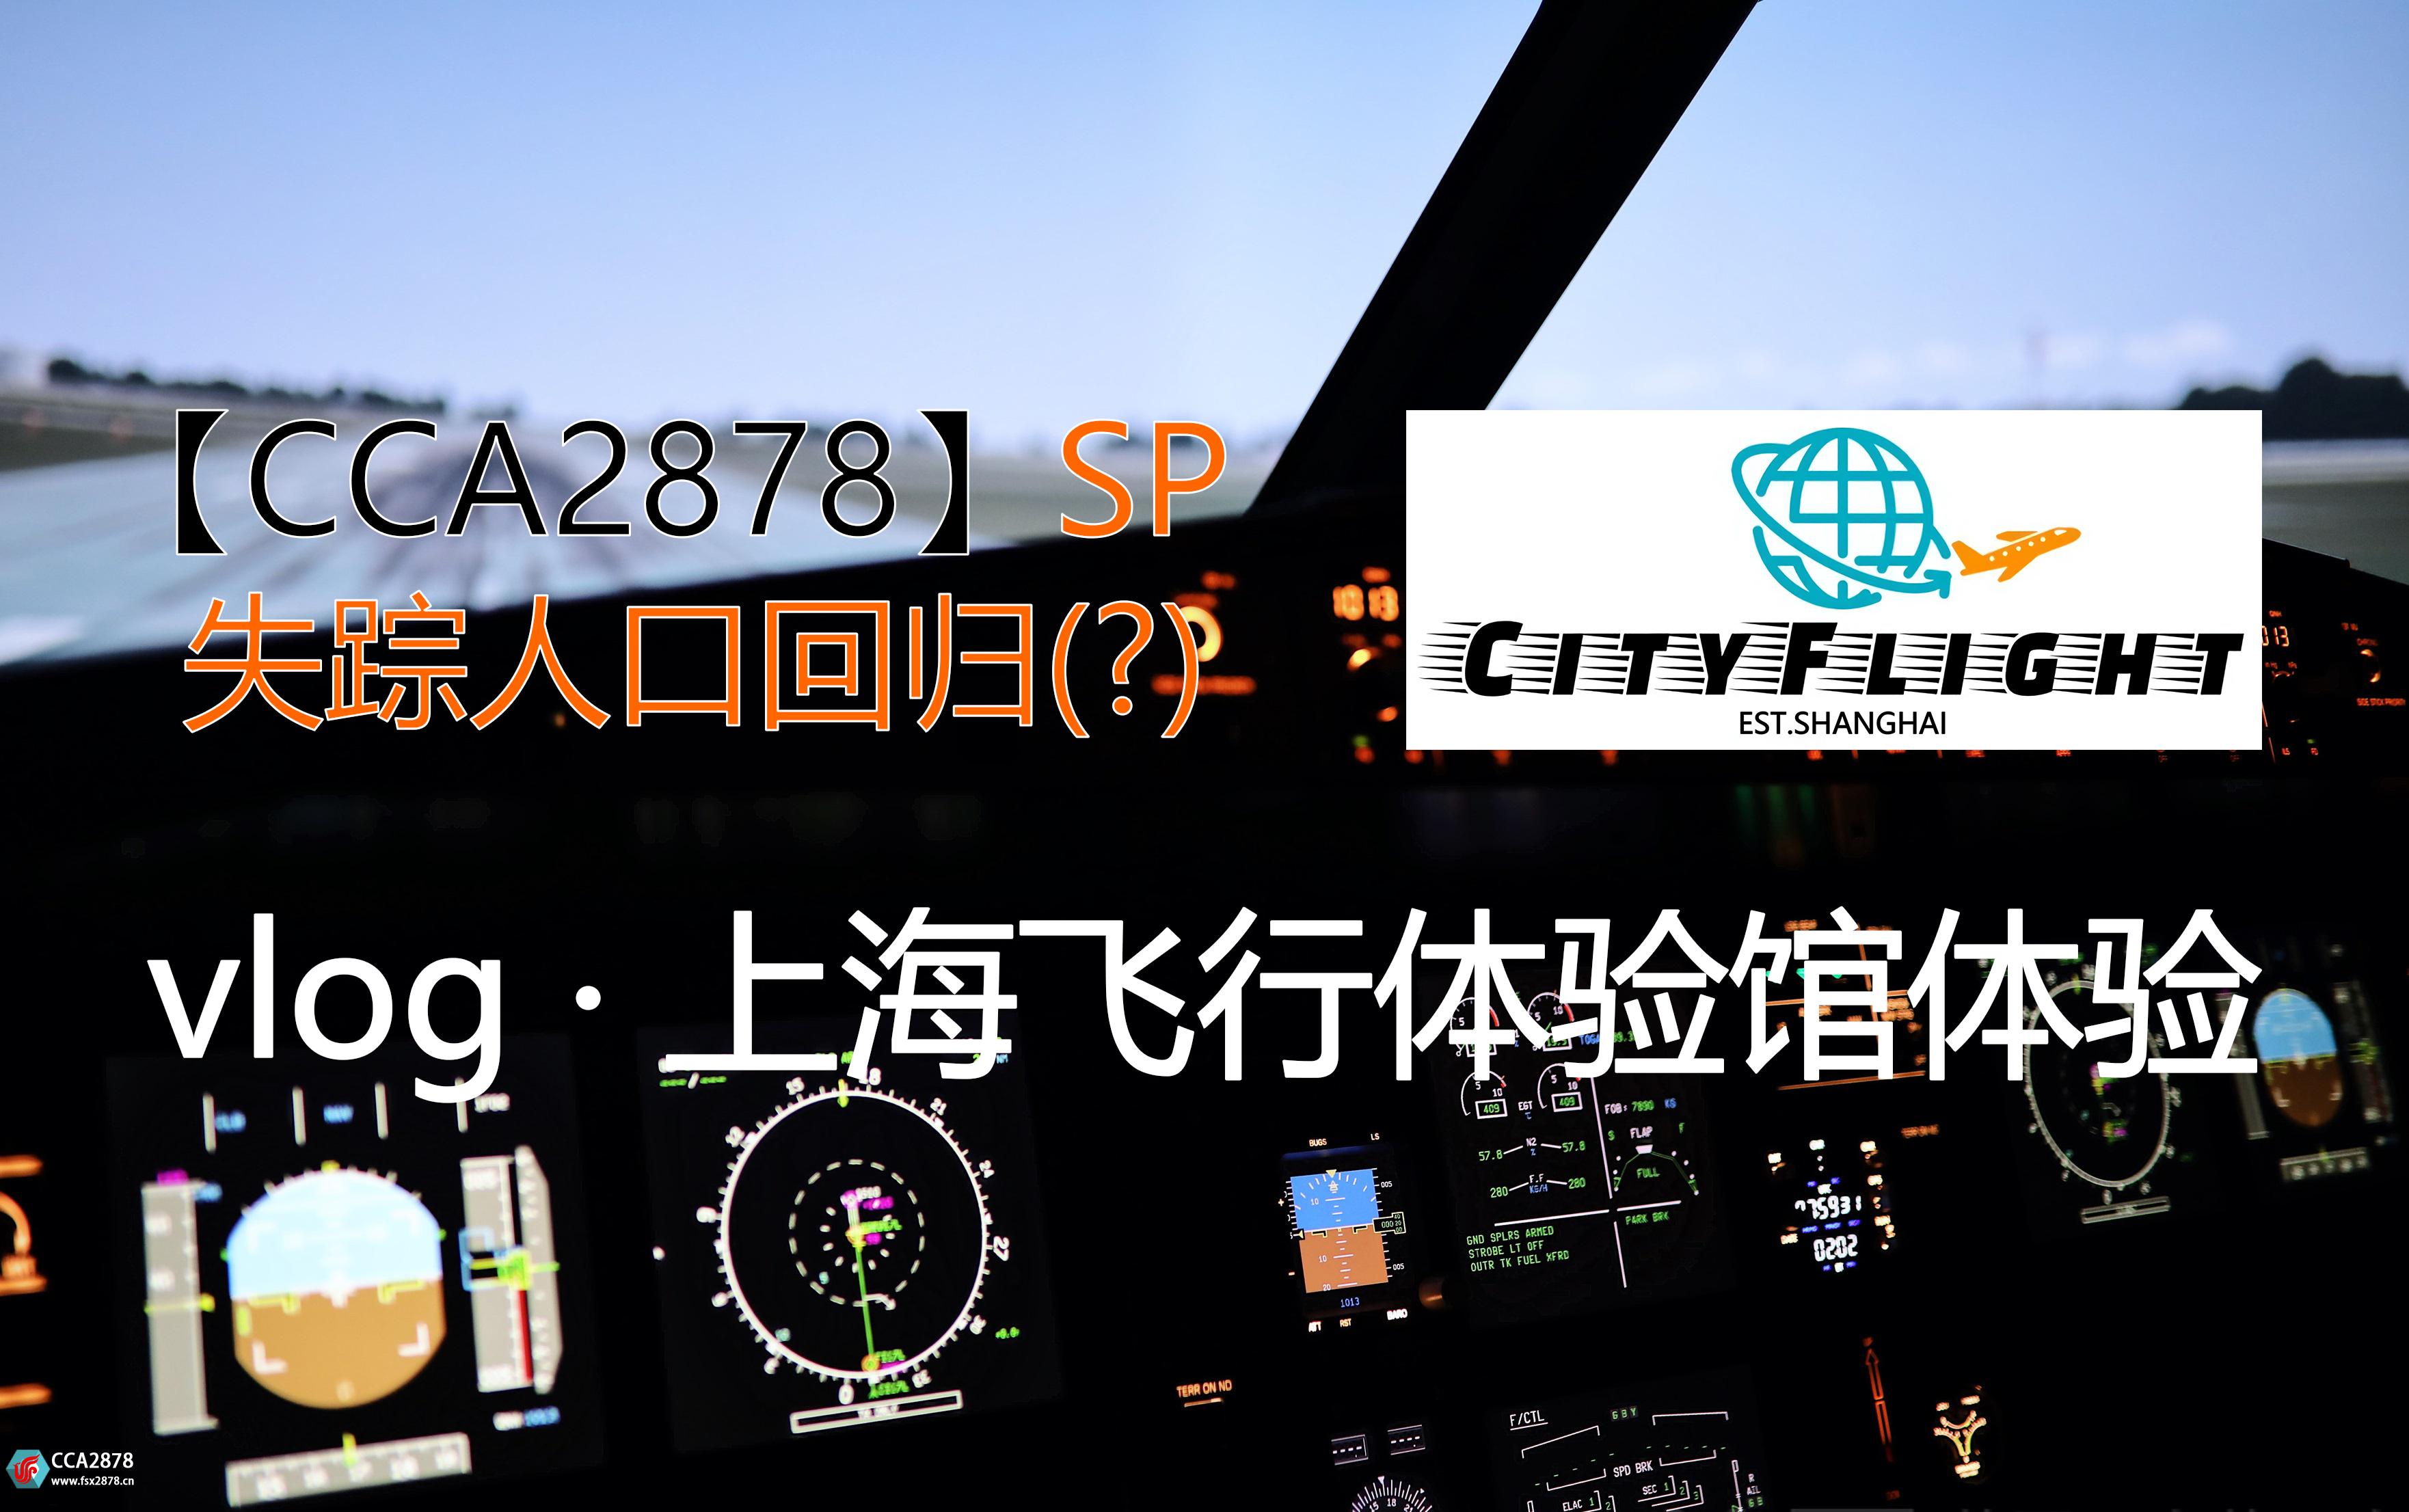 【新视频发布】vlog · 上海飞行体验馆体验